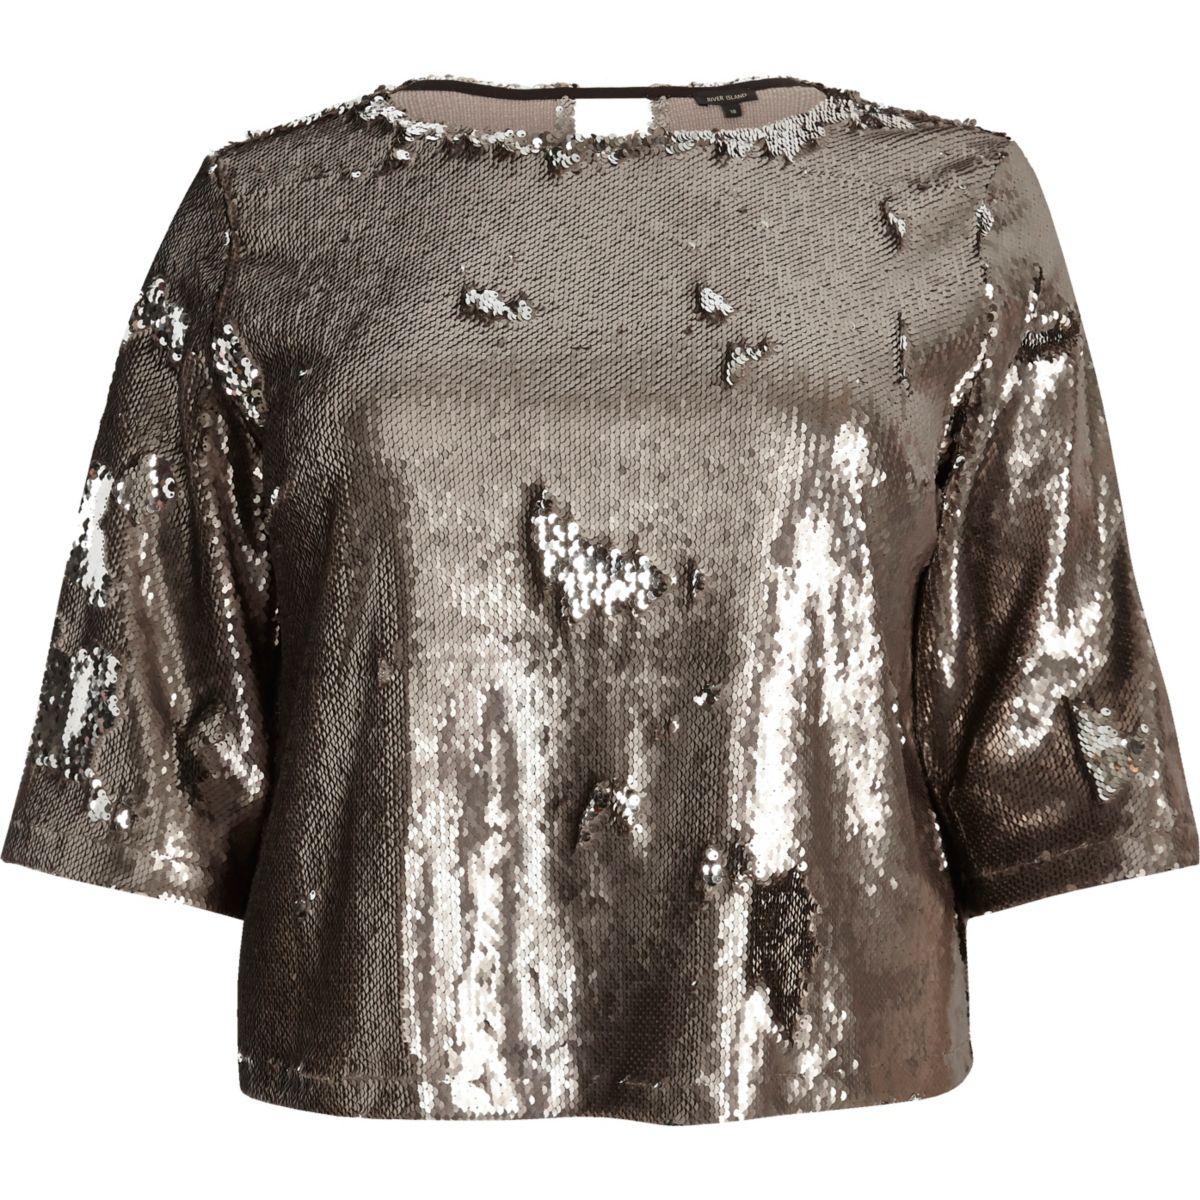 Plus metallic grey sequin grazer top